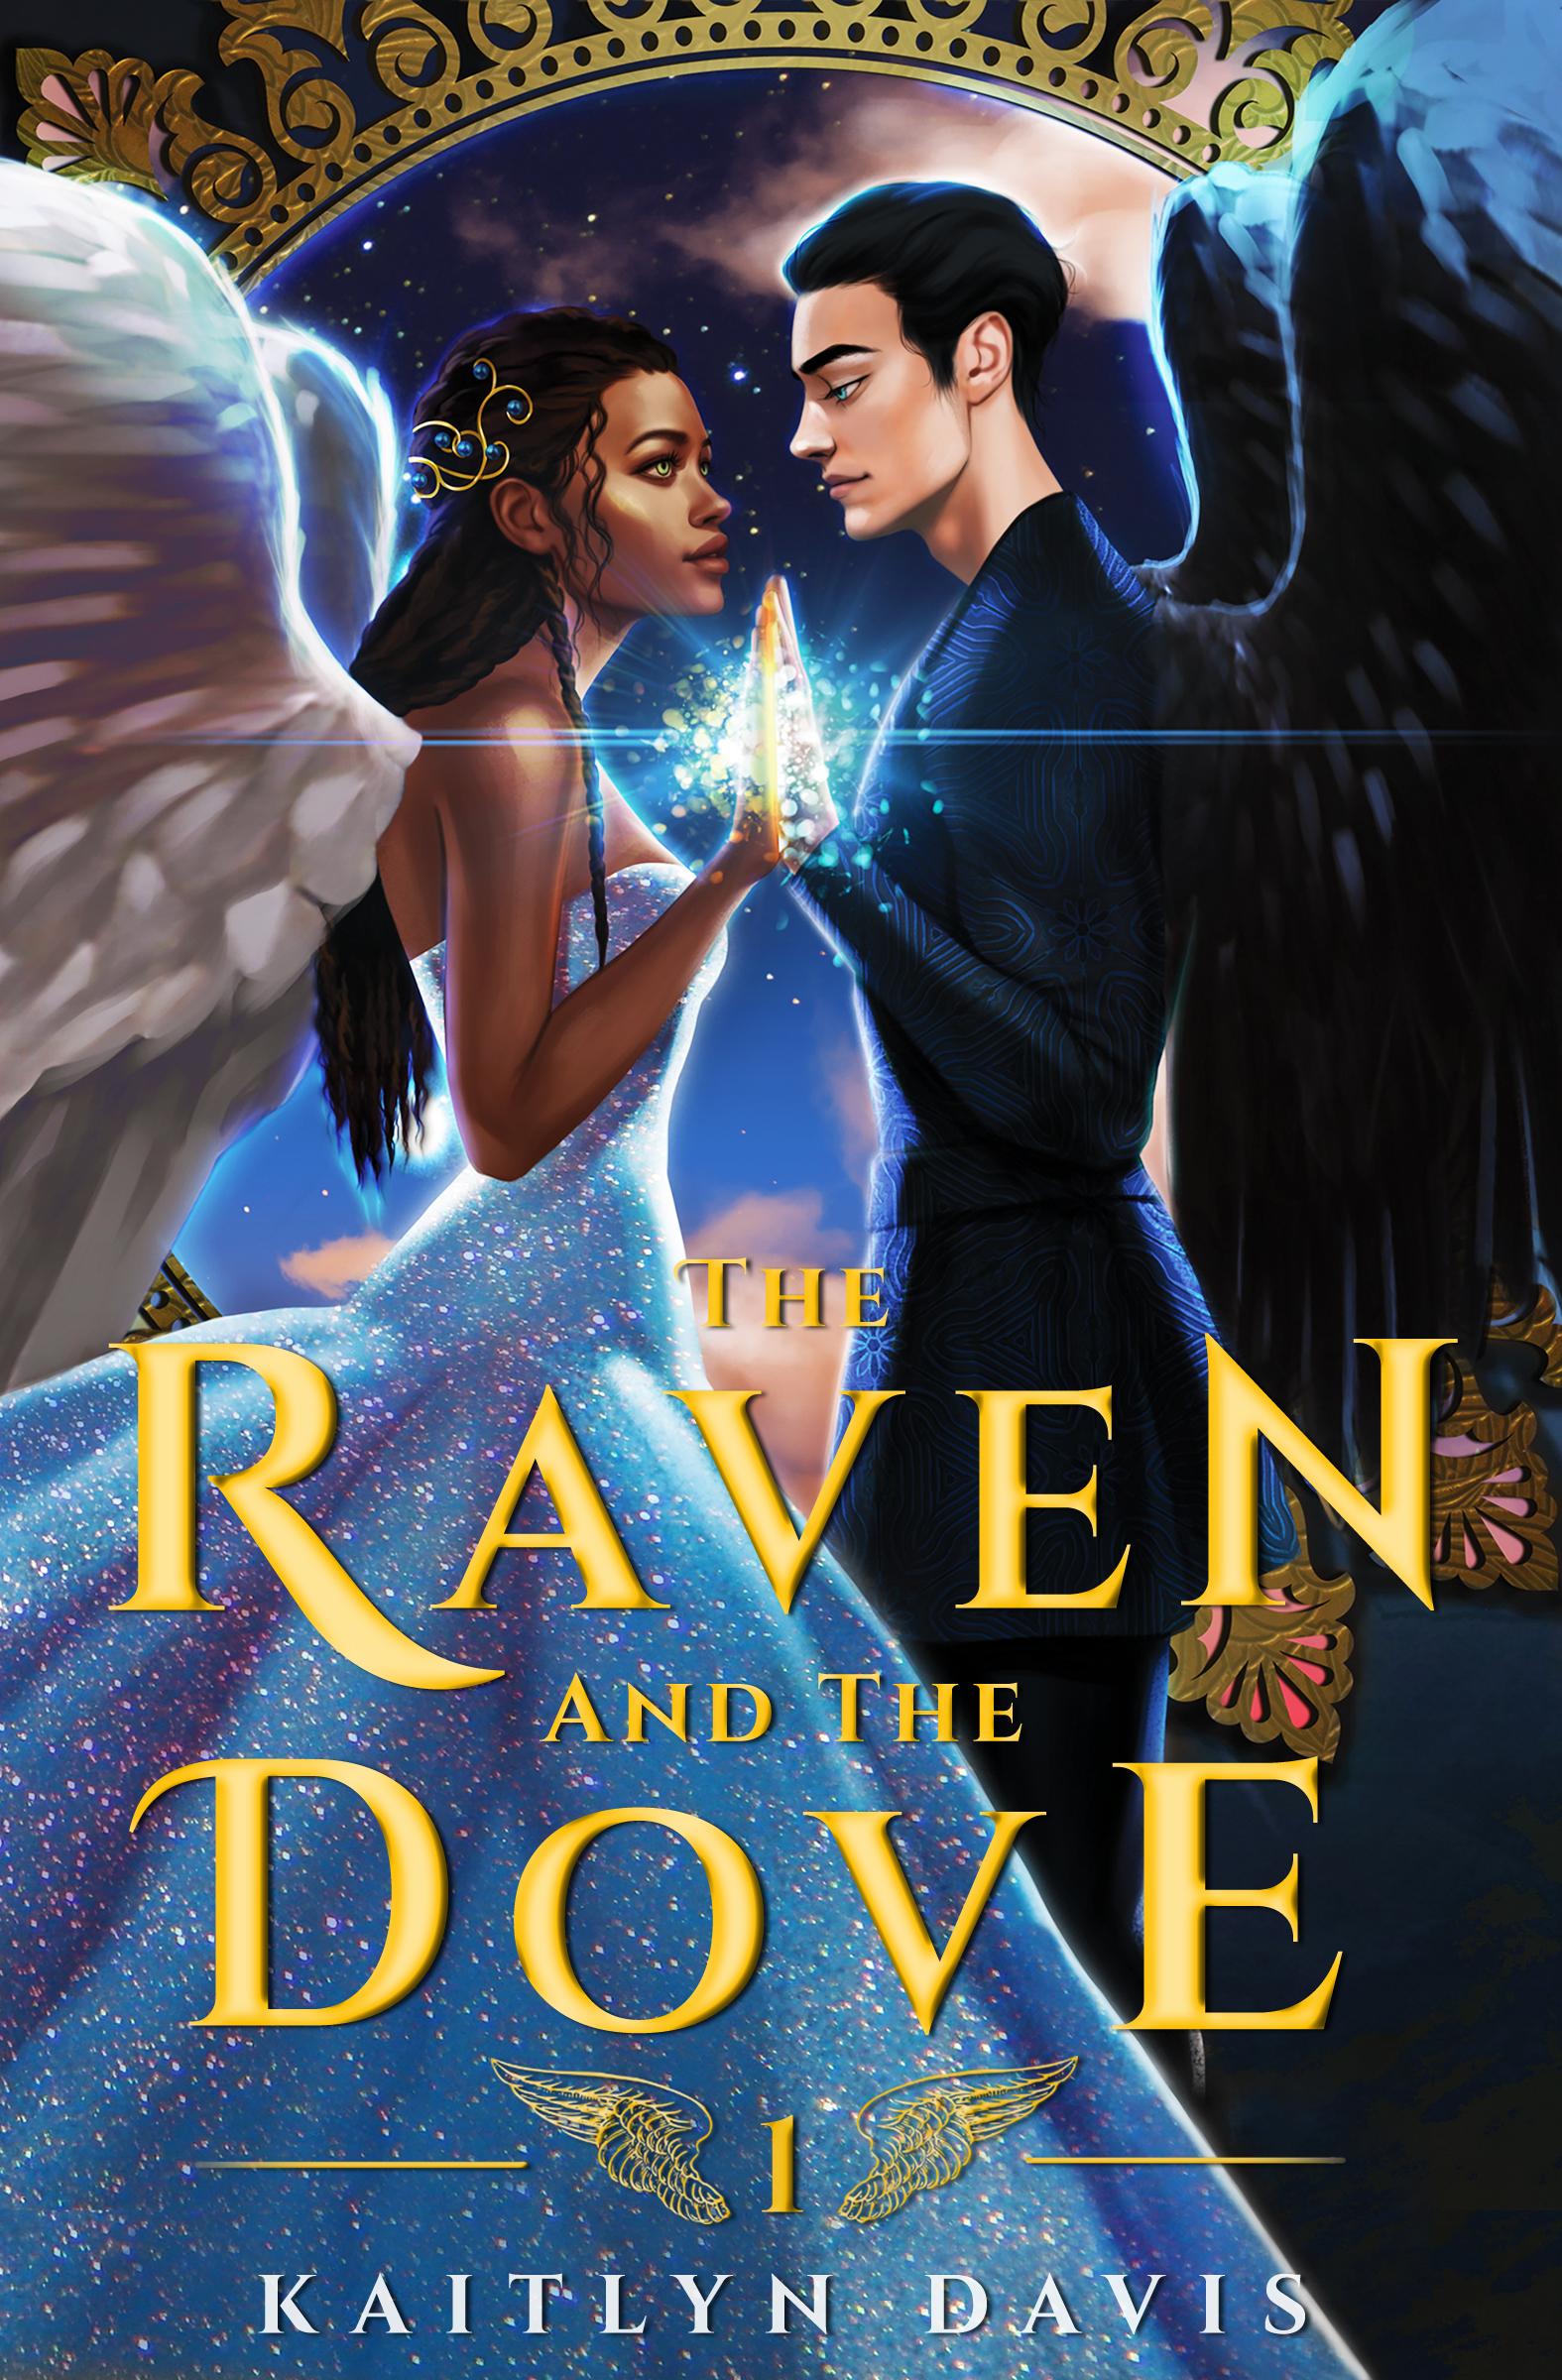 The Raven and the Dove The Raven and the Dove 1 - Kaitlyn Davis